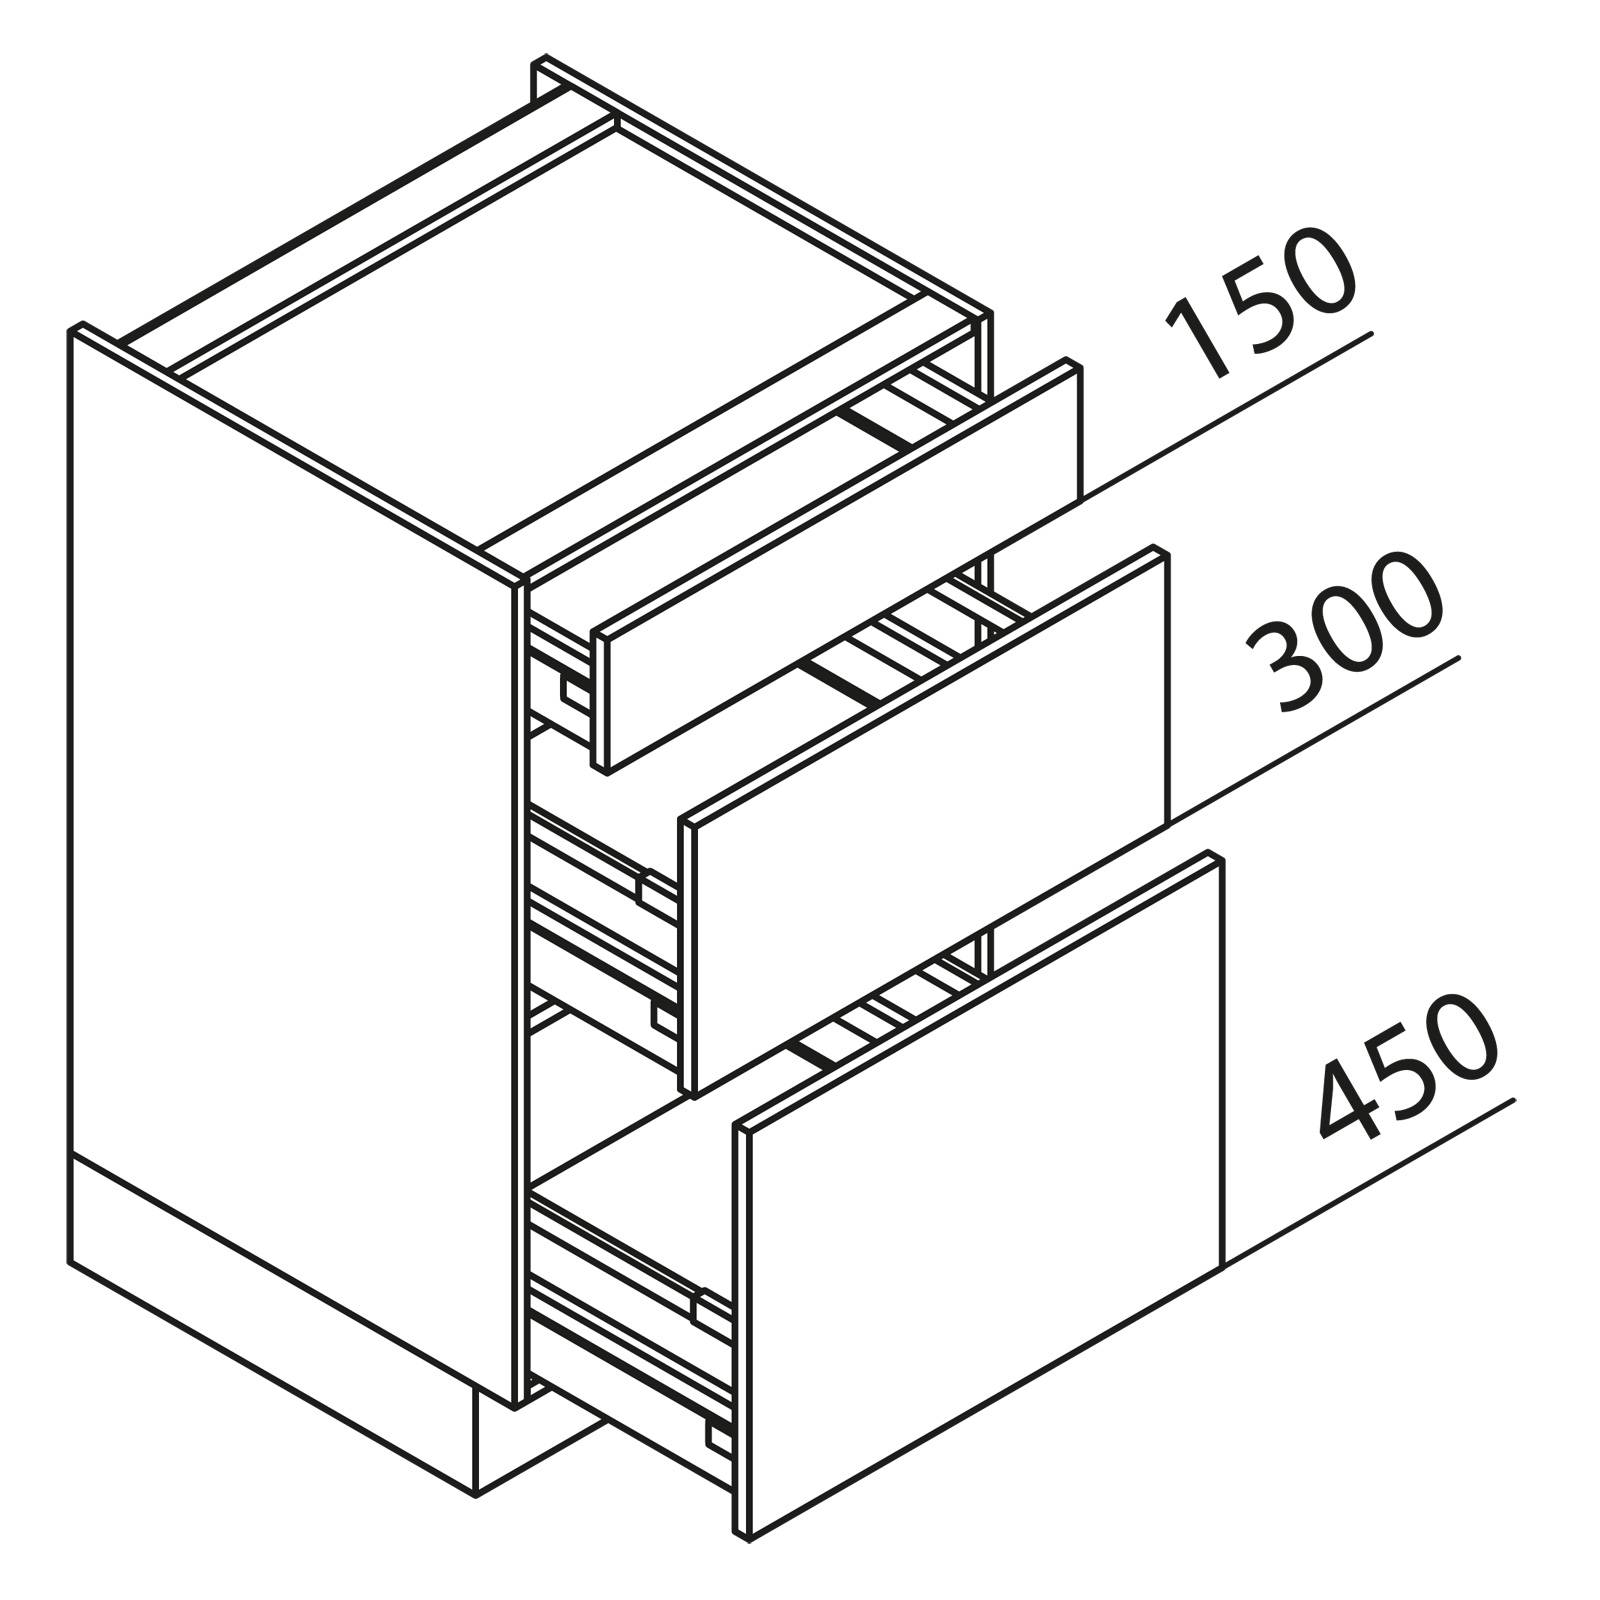 nolte k chen unterschrank kochstellenschrank kuak60 90 60 b. Black Bedroom Furniture Sets. Home Design Ideas